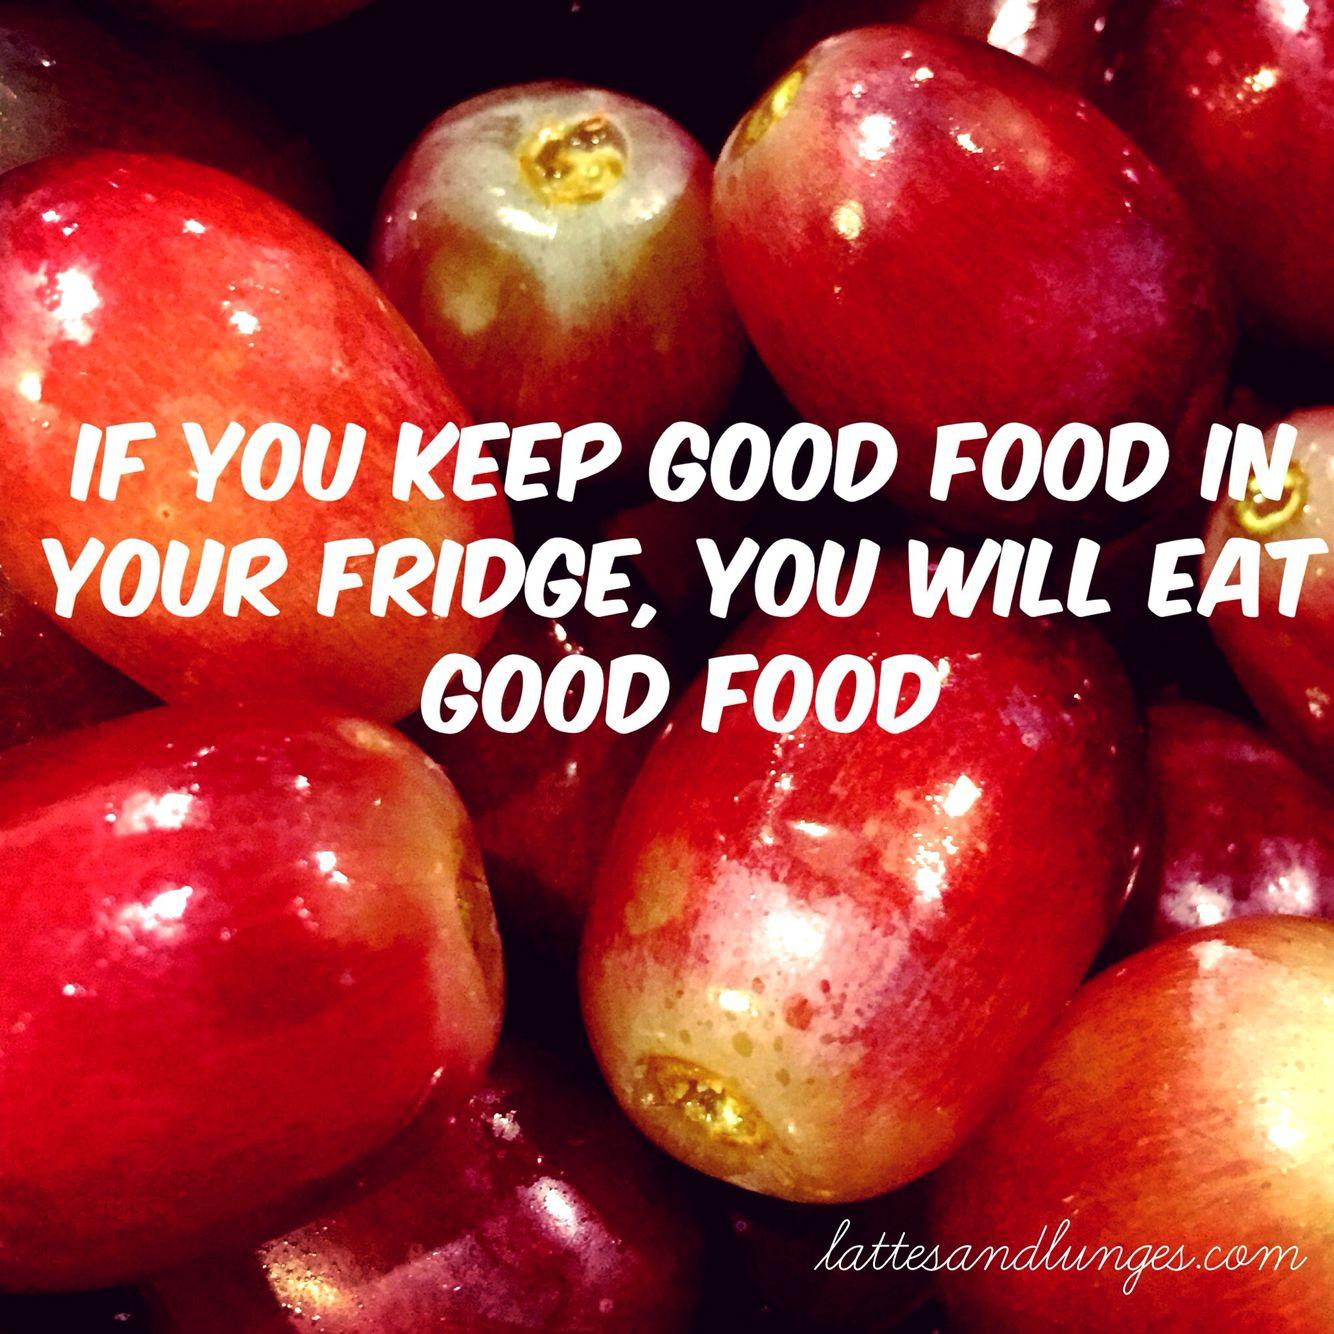 Keep good food in your fridge